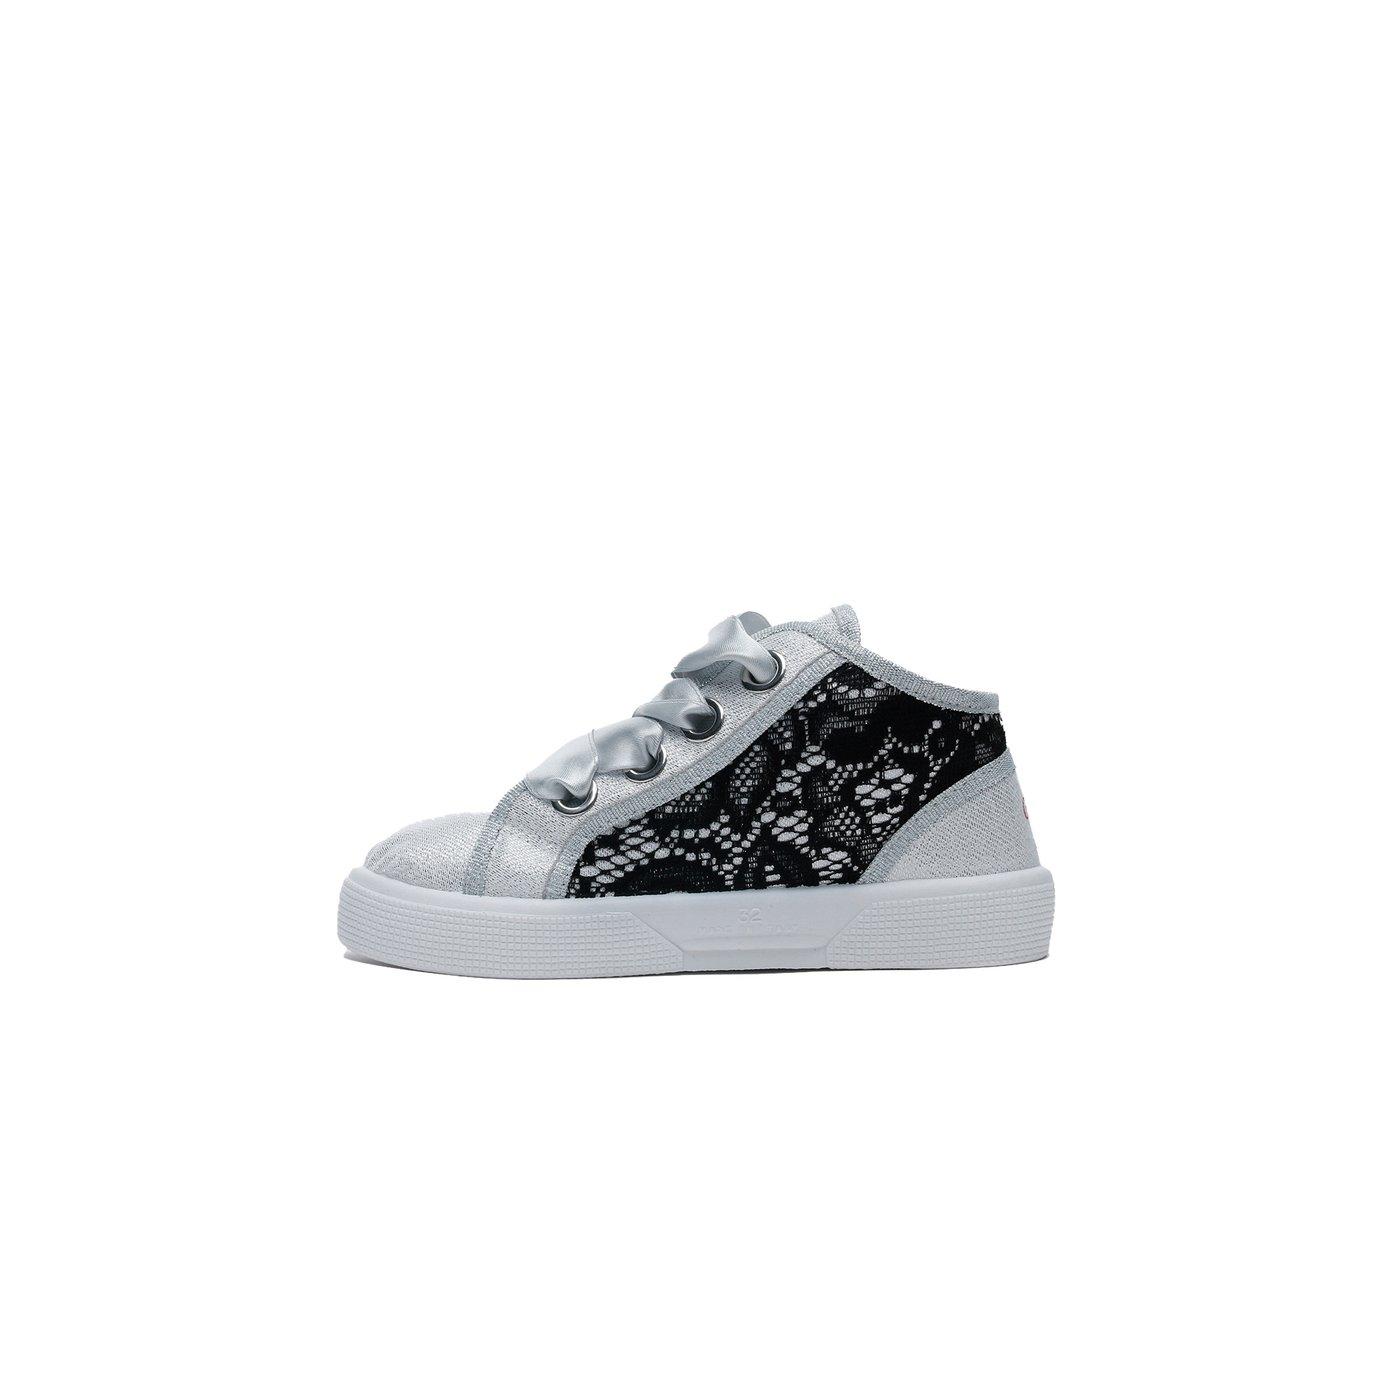 Guess Piuma Lace Çocuk Gri Günlük Ayakkabı